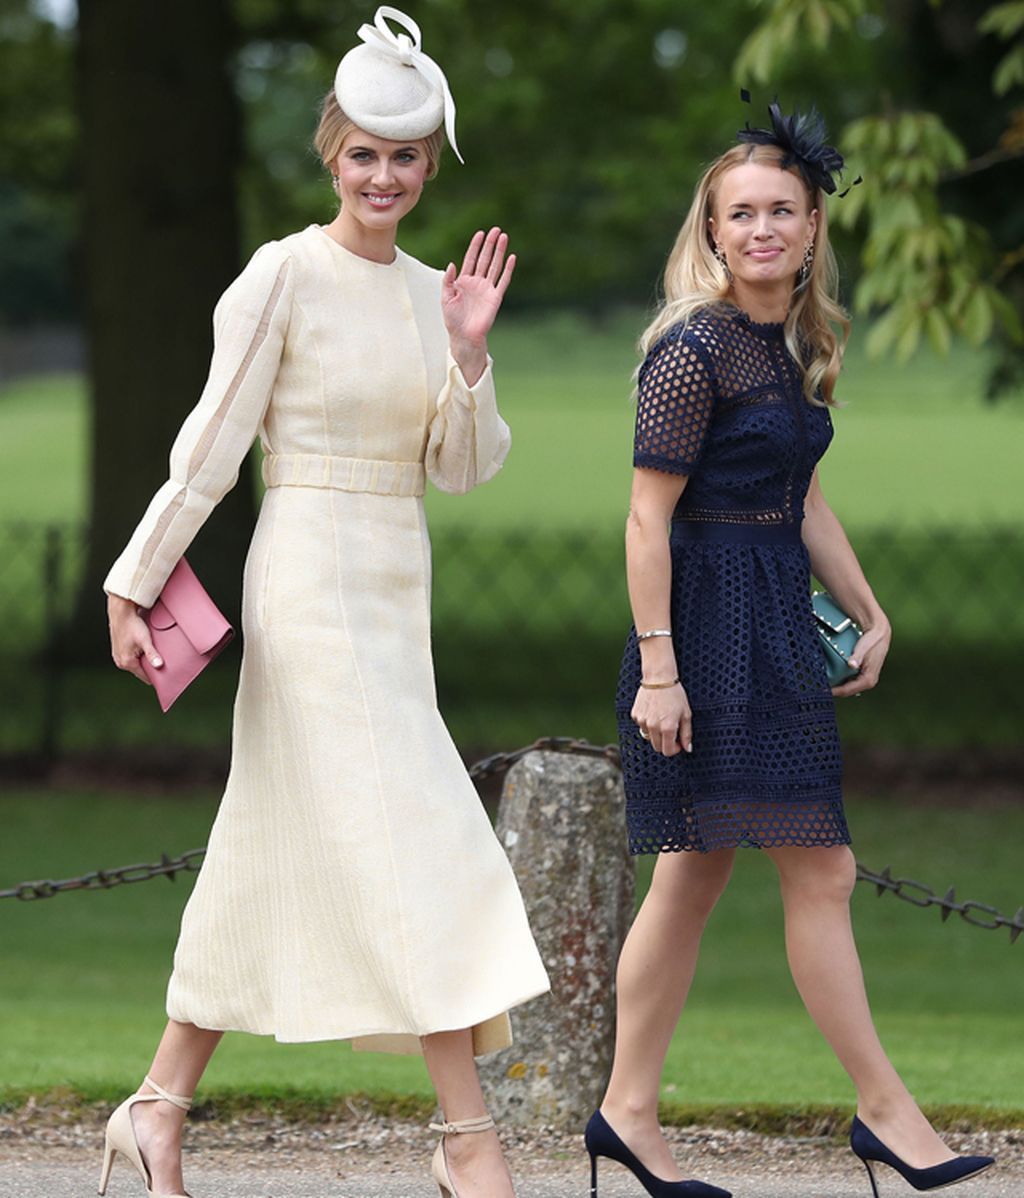 El gran día de Pippa Middleton: así ha sido su llegada y la de sus invitados al enlace